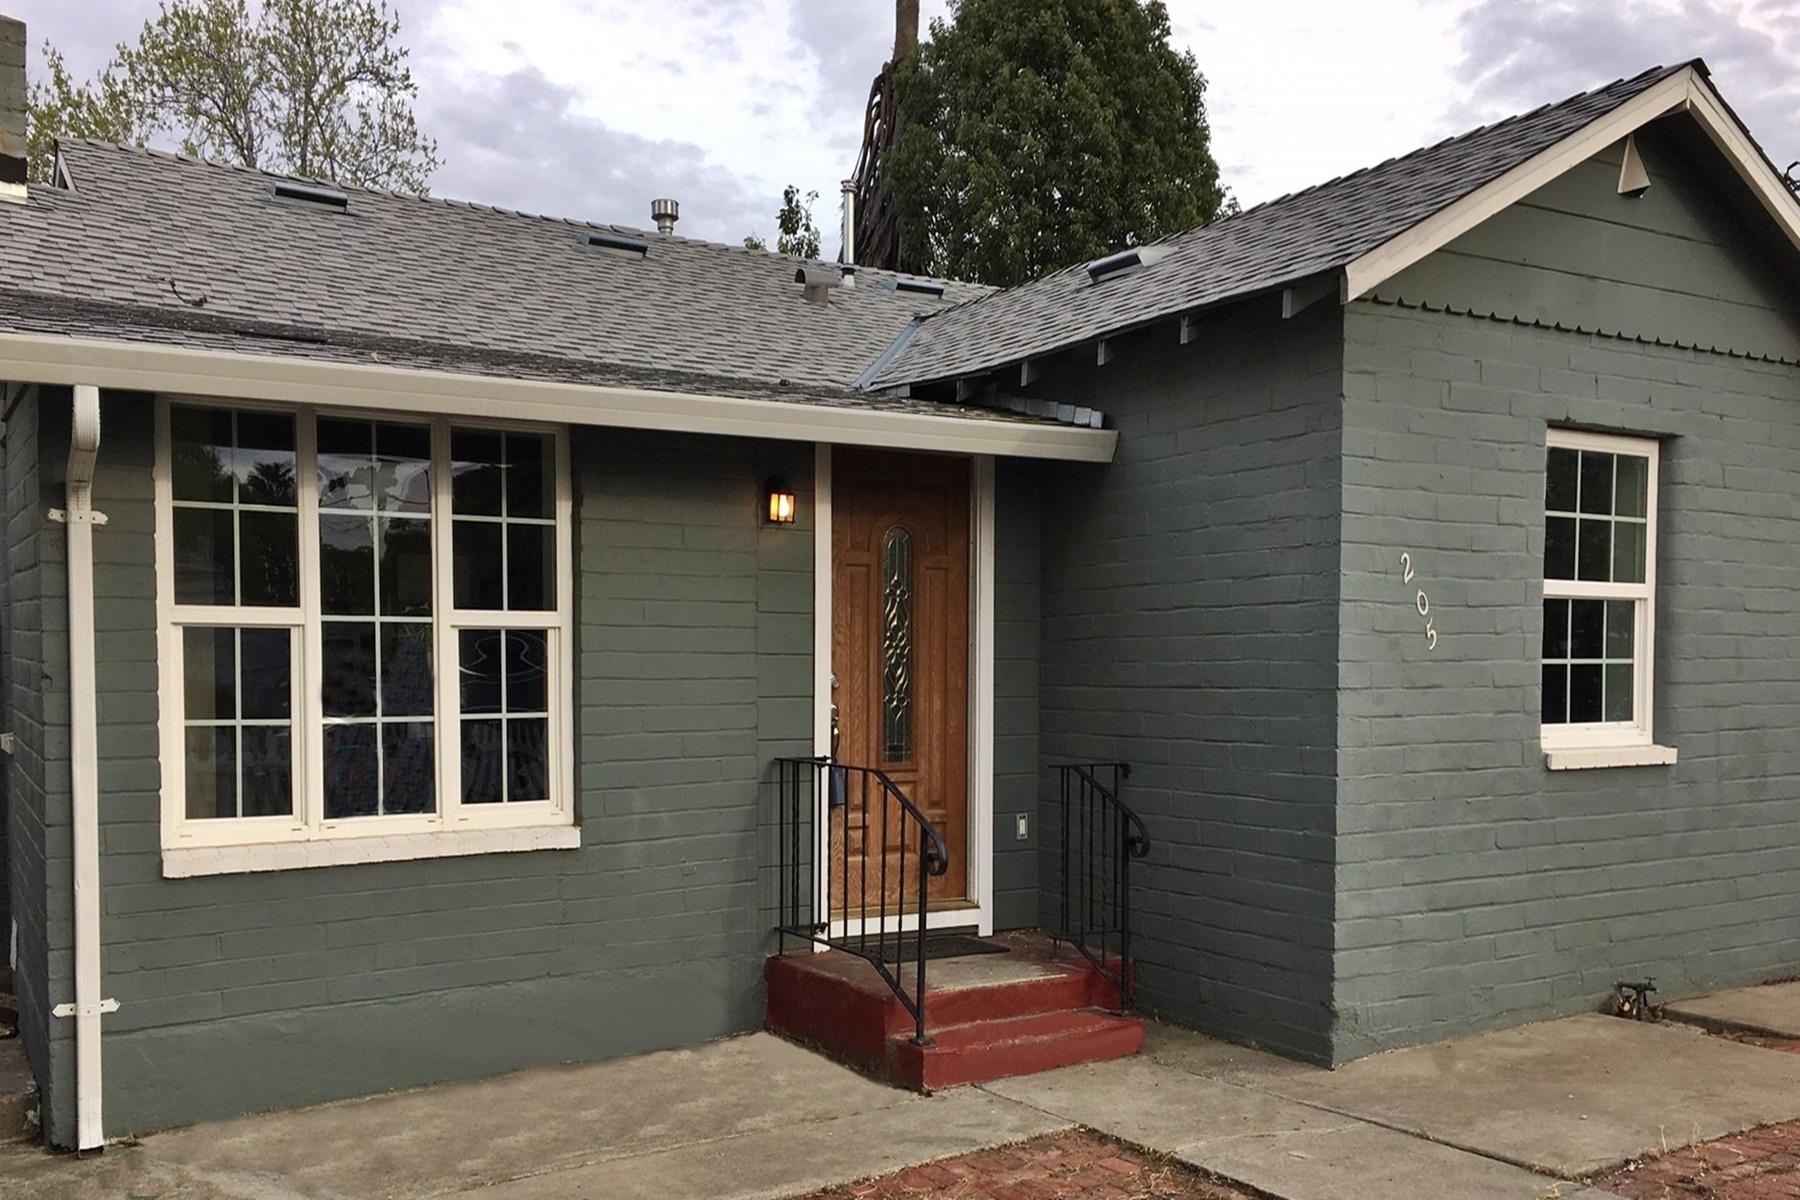 Частный односемейный дом для того Продажа на Two Units On One Property 205 Franklin Avenue Bay Point, Калифорния 94565 Соединенные Штаты